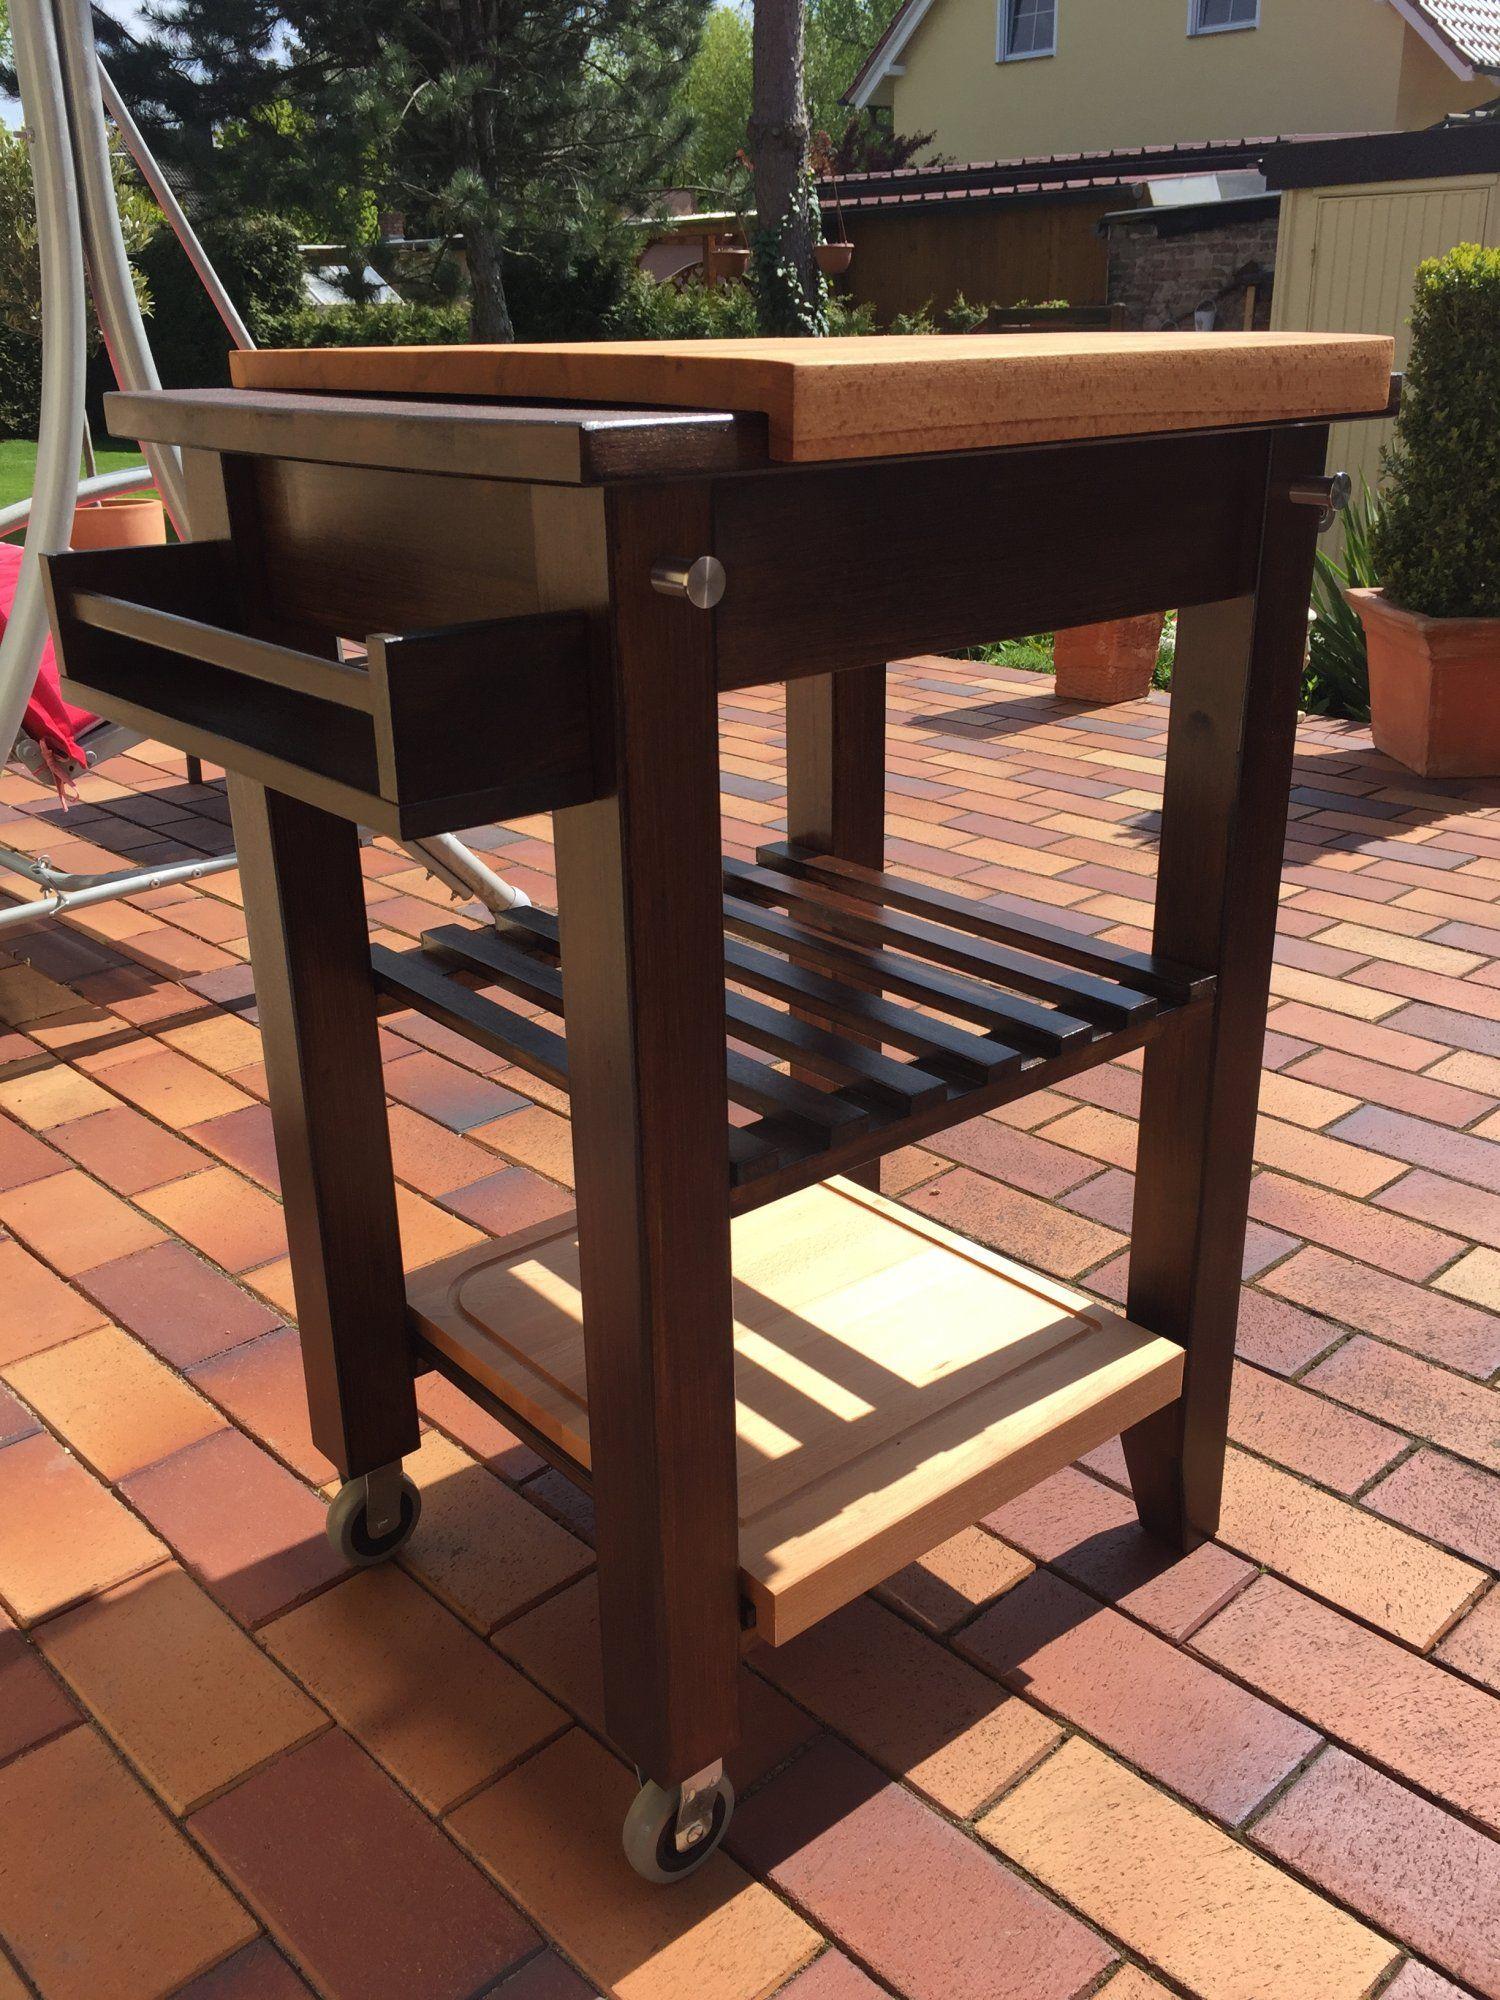 Der Ikea Bekvam Umbau Modding Threadseite 24 Grillforum Und Bbq Www Grillsportverein De Grill Beistelltisch Grilltisch Ikea